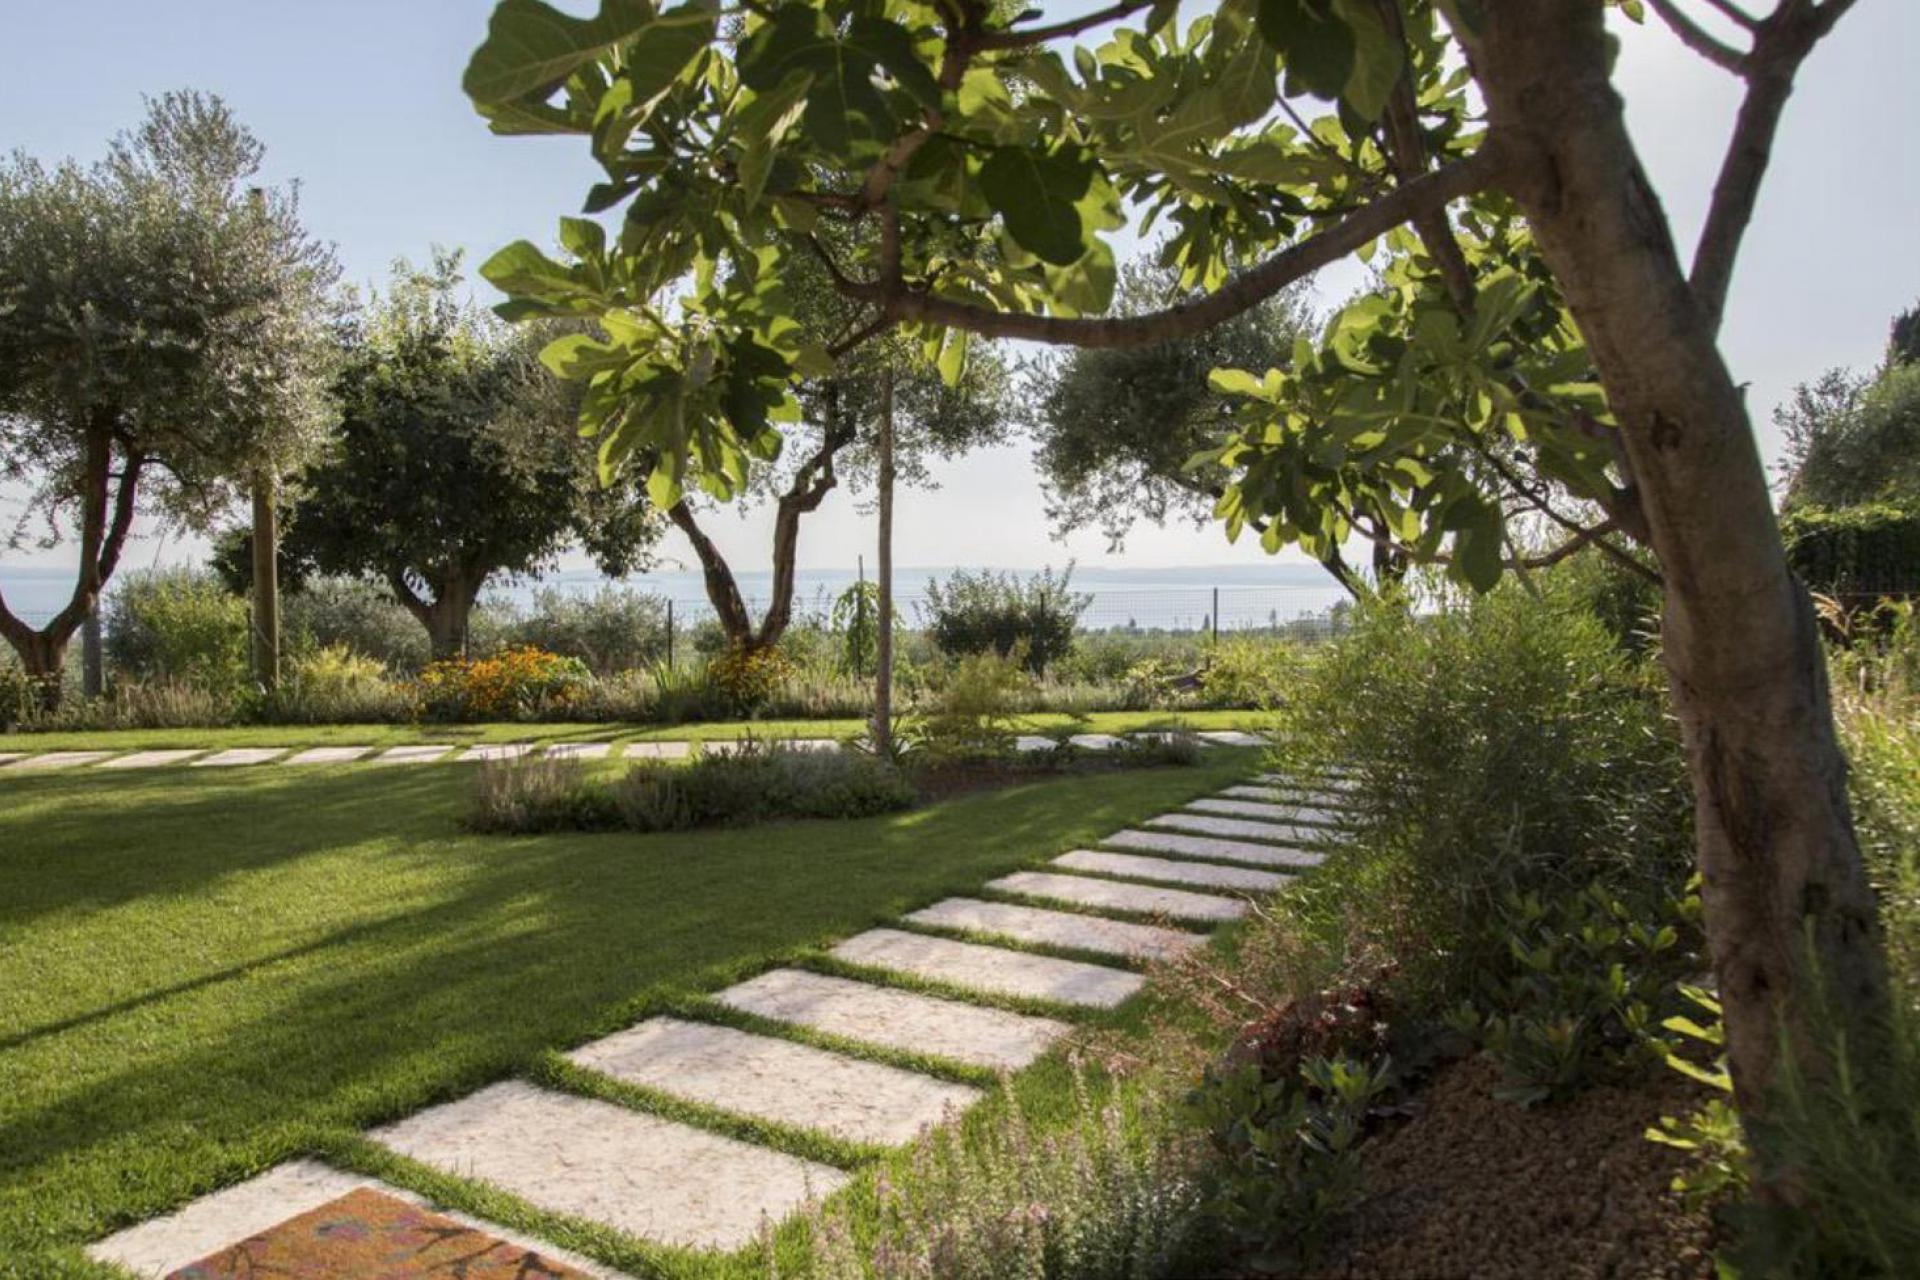 Agriturismo Comer See und Gardasee Gemütlicher Agriturismo mit Blick auf den Gardasee